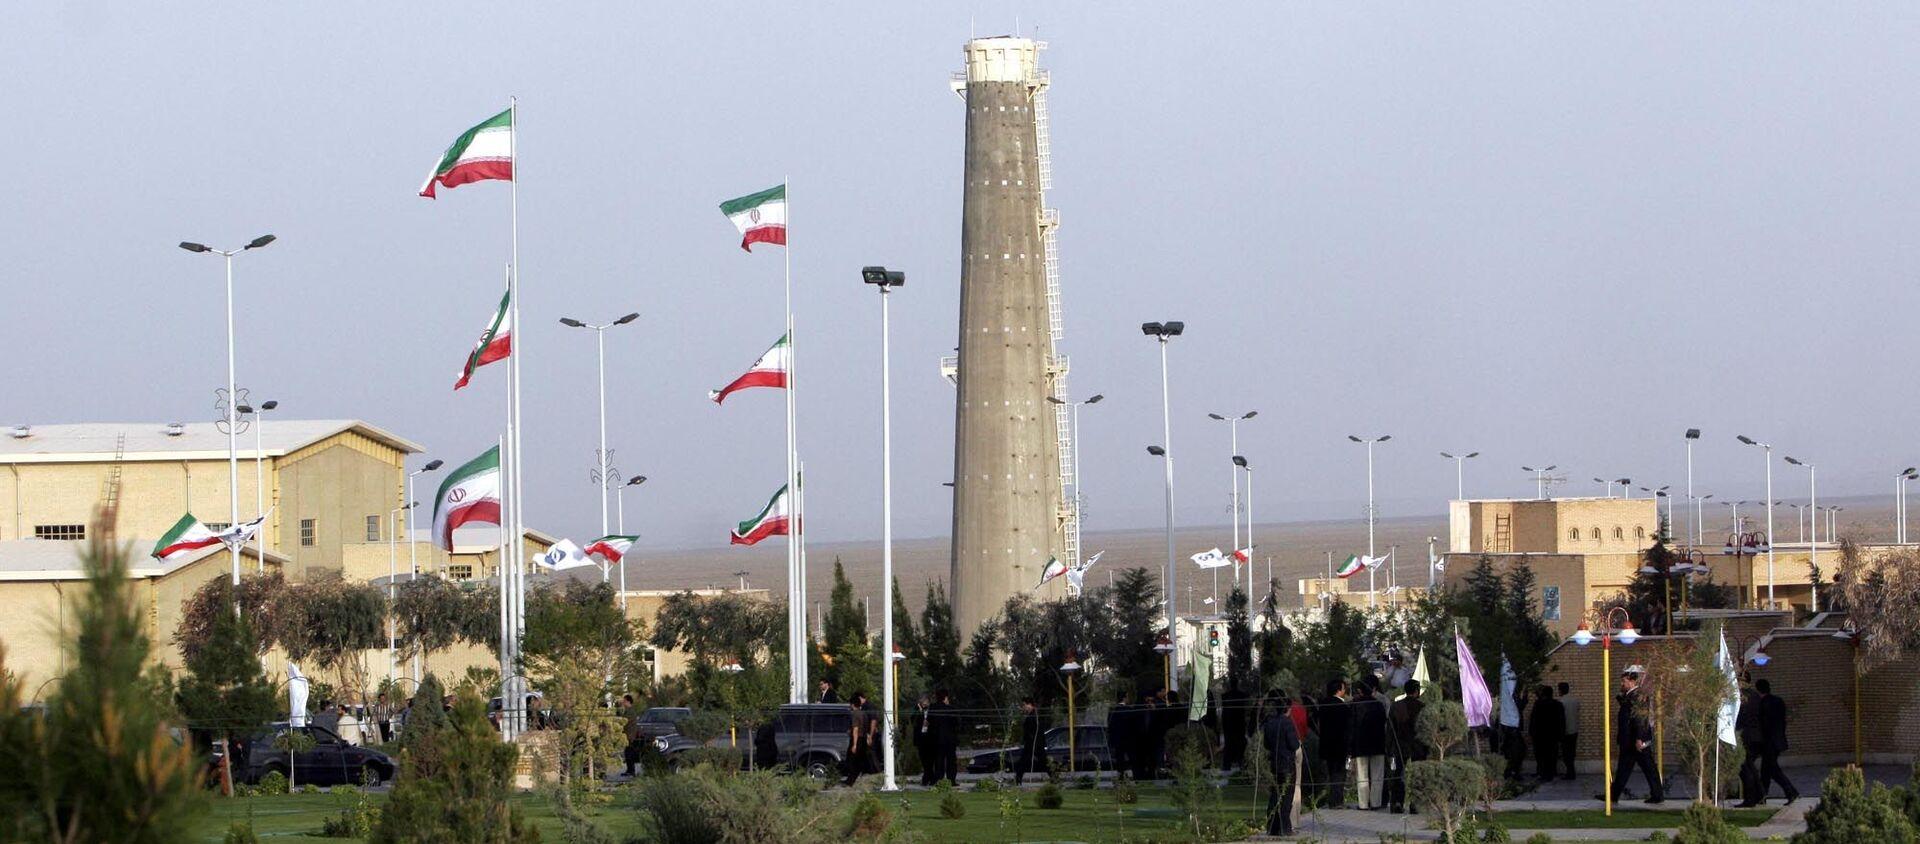 L'impianto di arricchimento dell'uranio di Natanz, Iran - Sputnik Italia, 1920, 08.02.2021